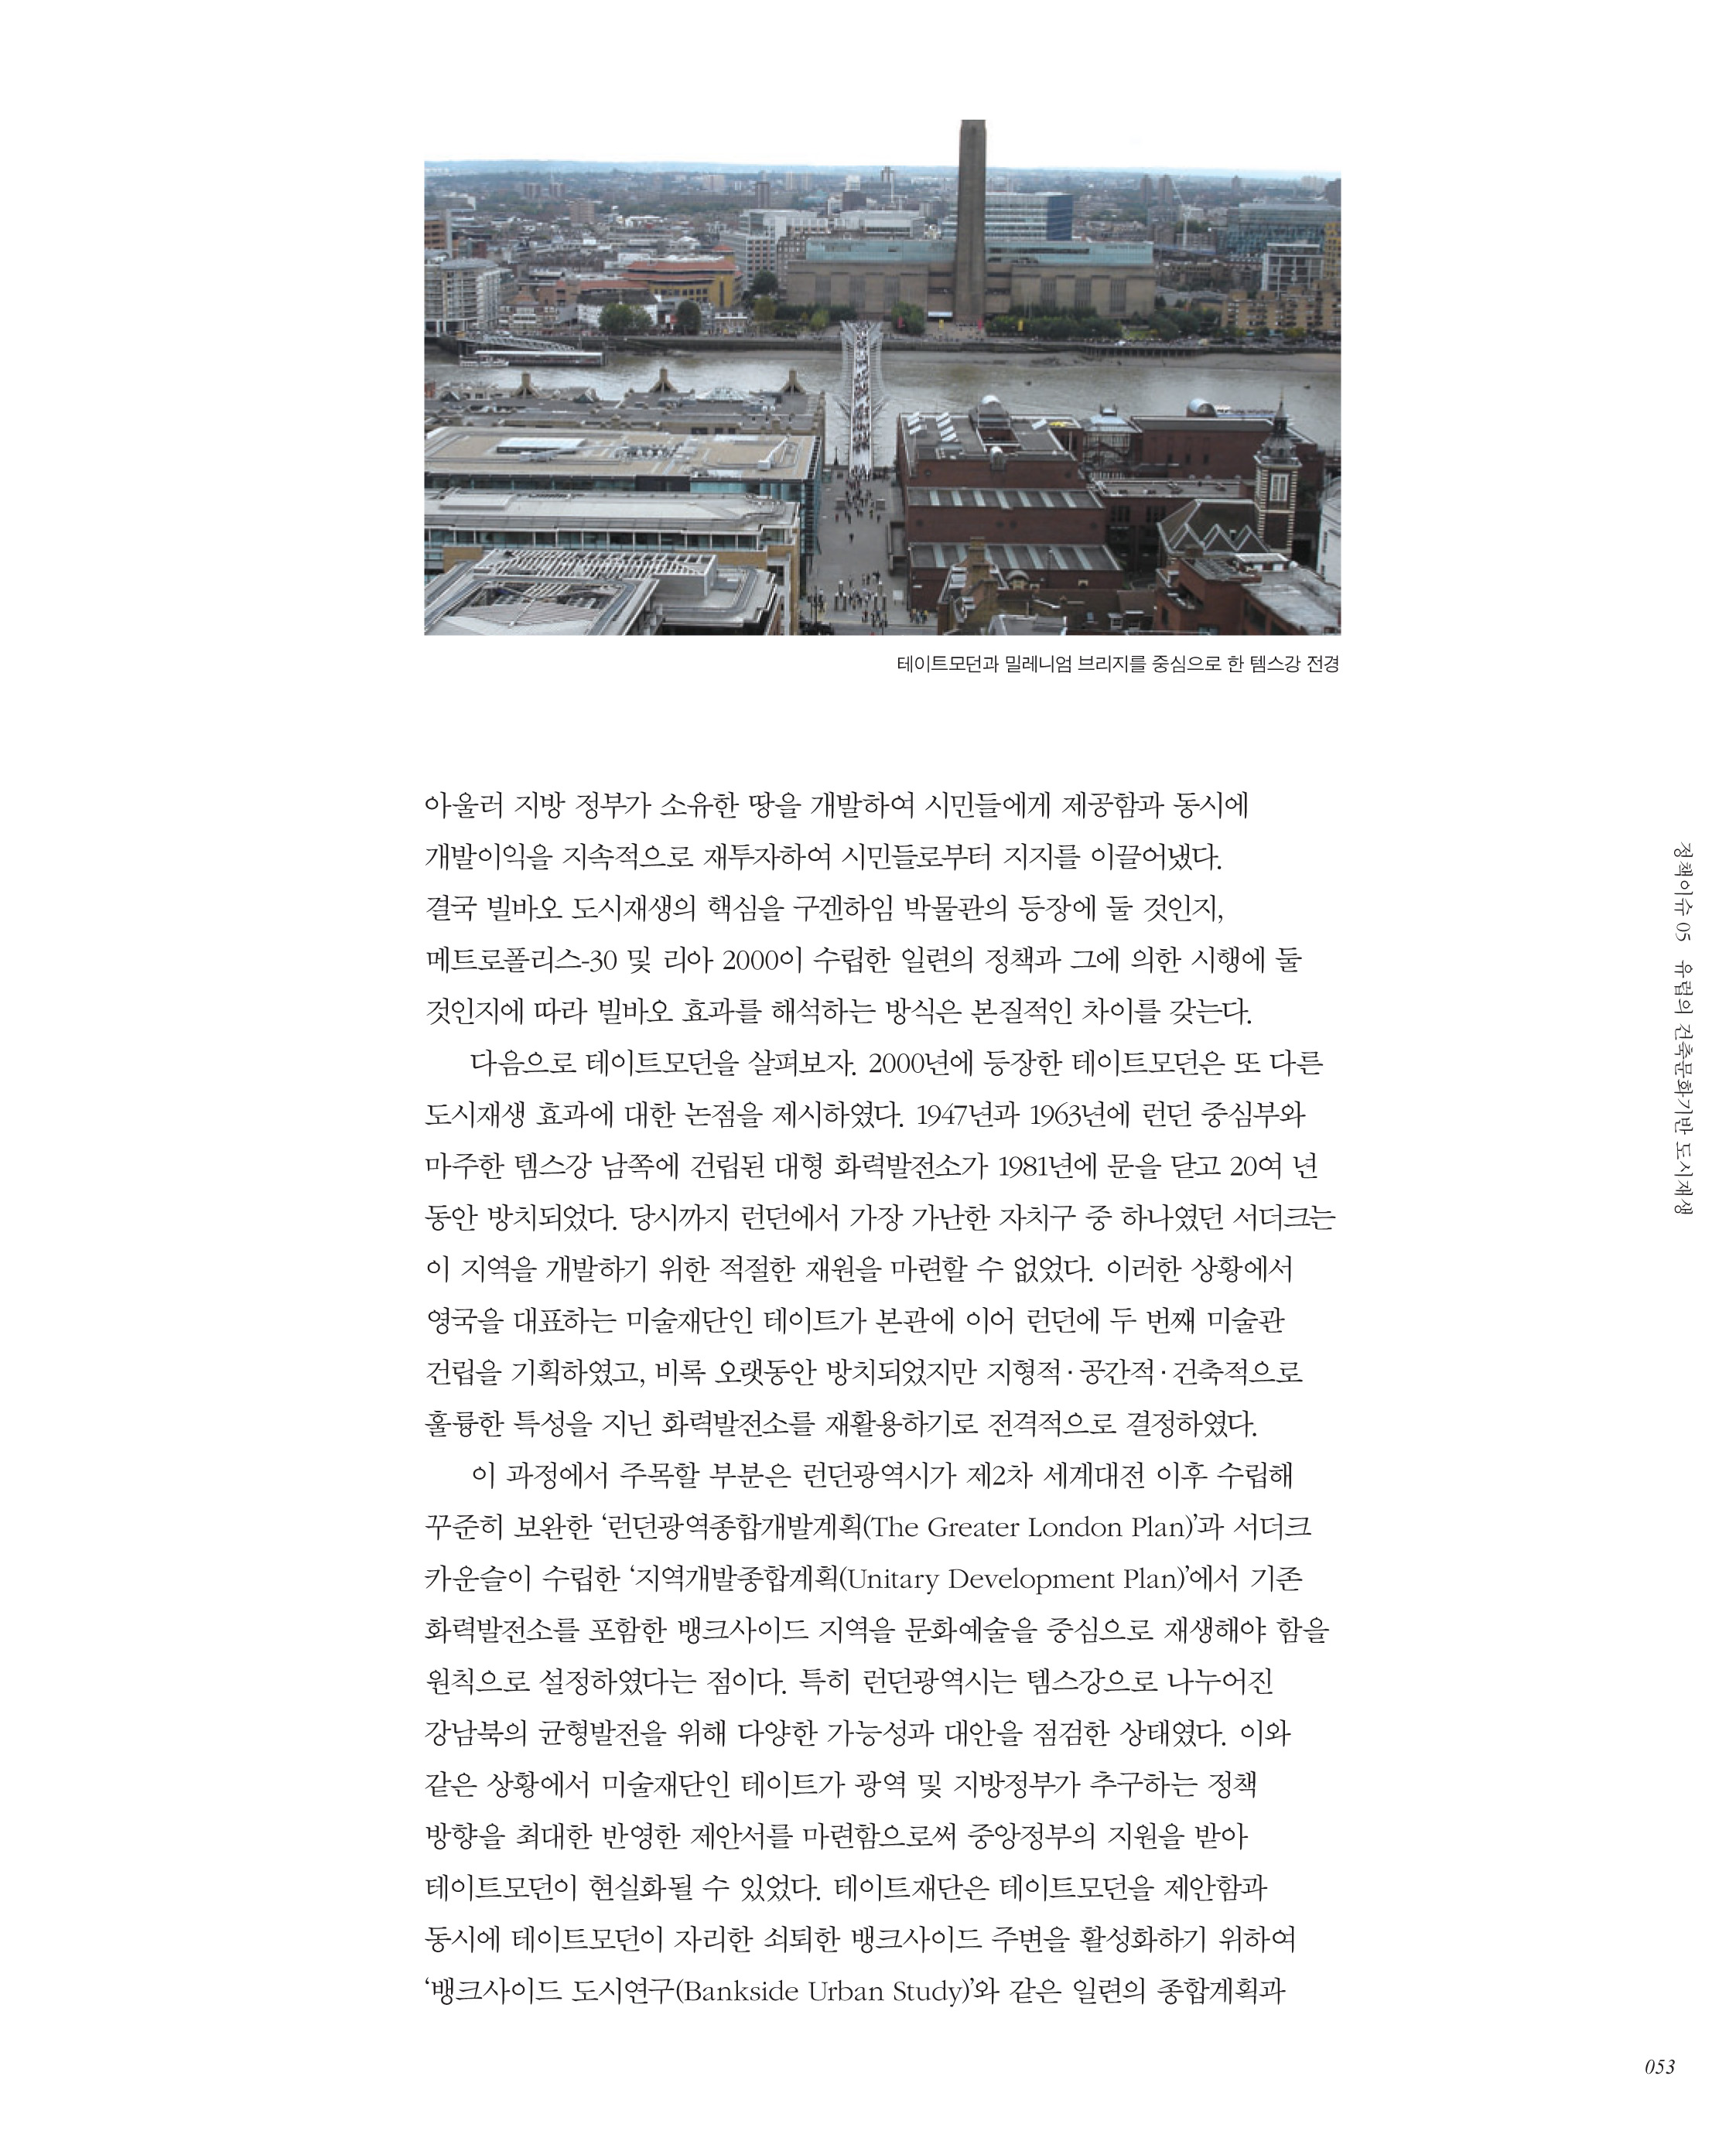 유럽의 건축문화기반 도시재생_김정후 박사-5.jpg